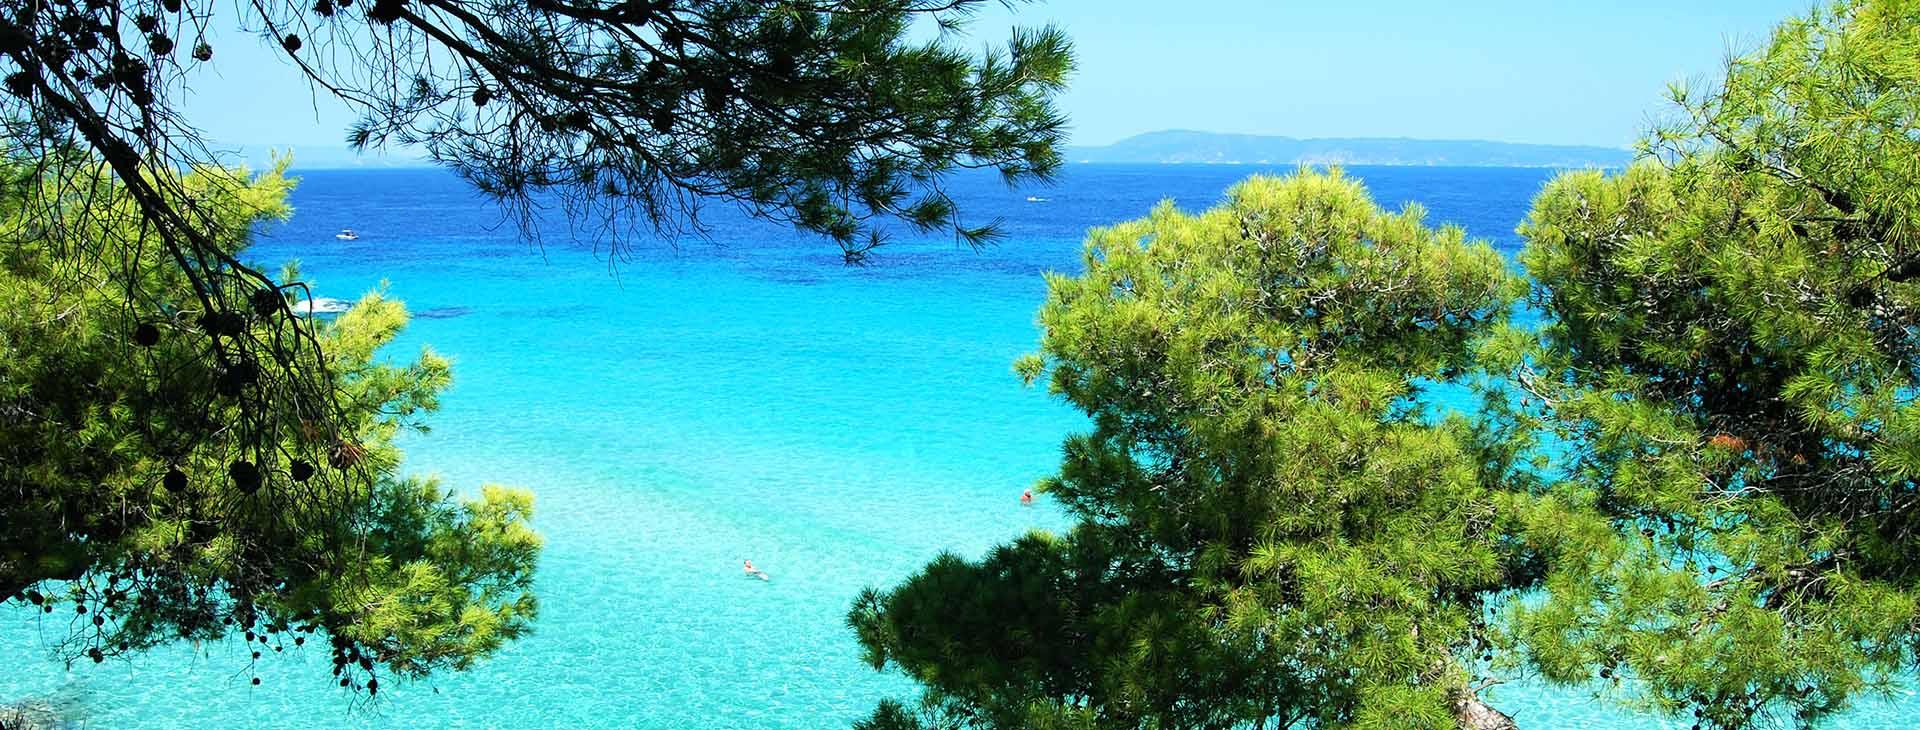 Beach at Nea Fokea, Halkidiki (Chalkidiki)